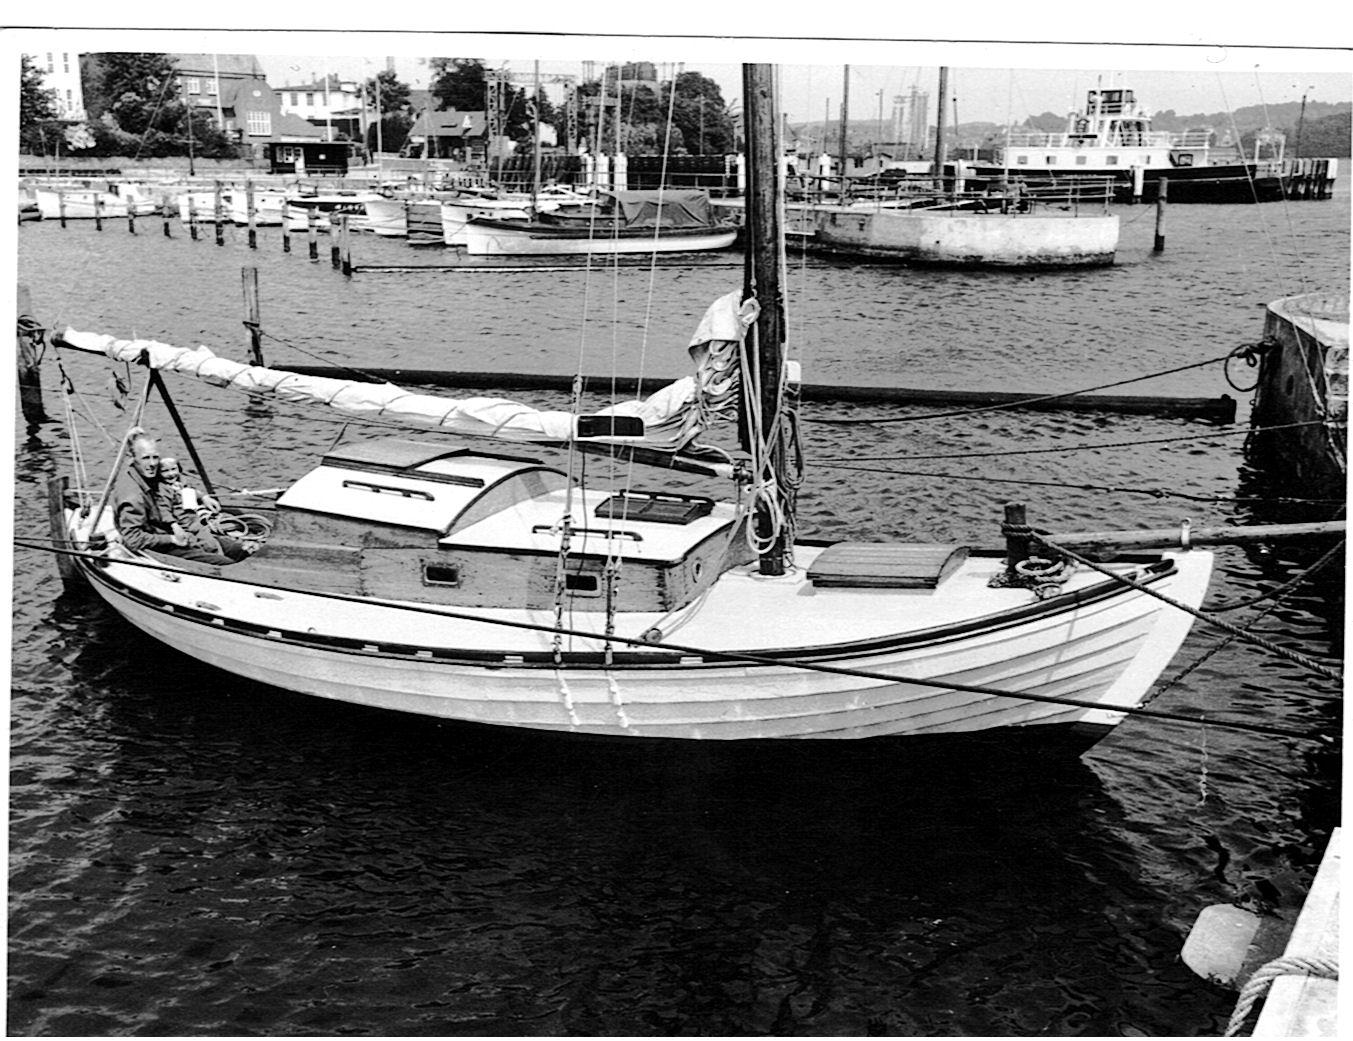 1959 - Helge Møller købte båden i 1956 og er begyndt at bygge båden lidt om. Helge har forlænget kahytten med nogle fod. Ved samme lejlighed er cockpittet flyttet bagud. Båden har stadig dækluge, den erstatter Helge senere med et lille dækshus.